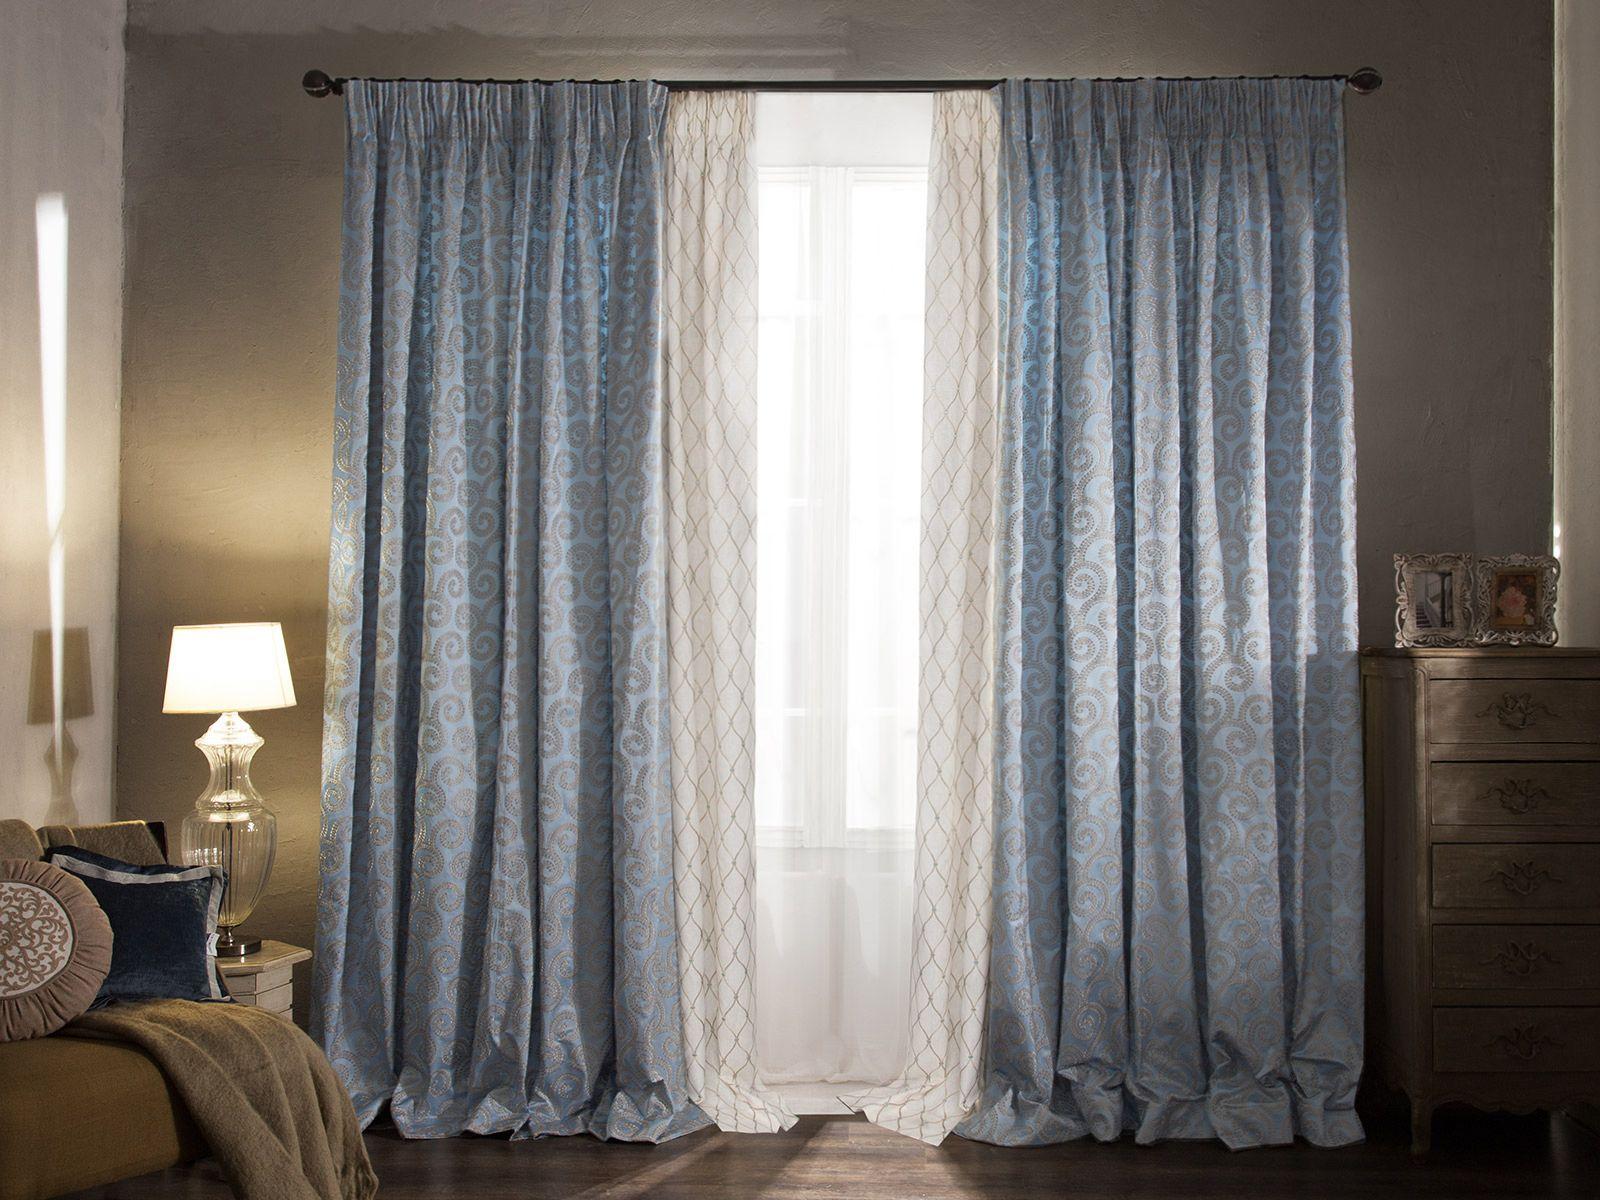 [в чем разница] Чем элитные шторы отличаются от обычных?